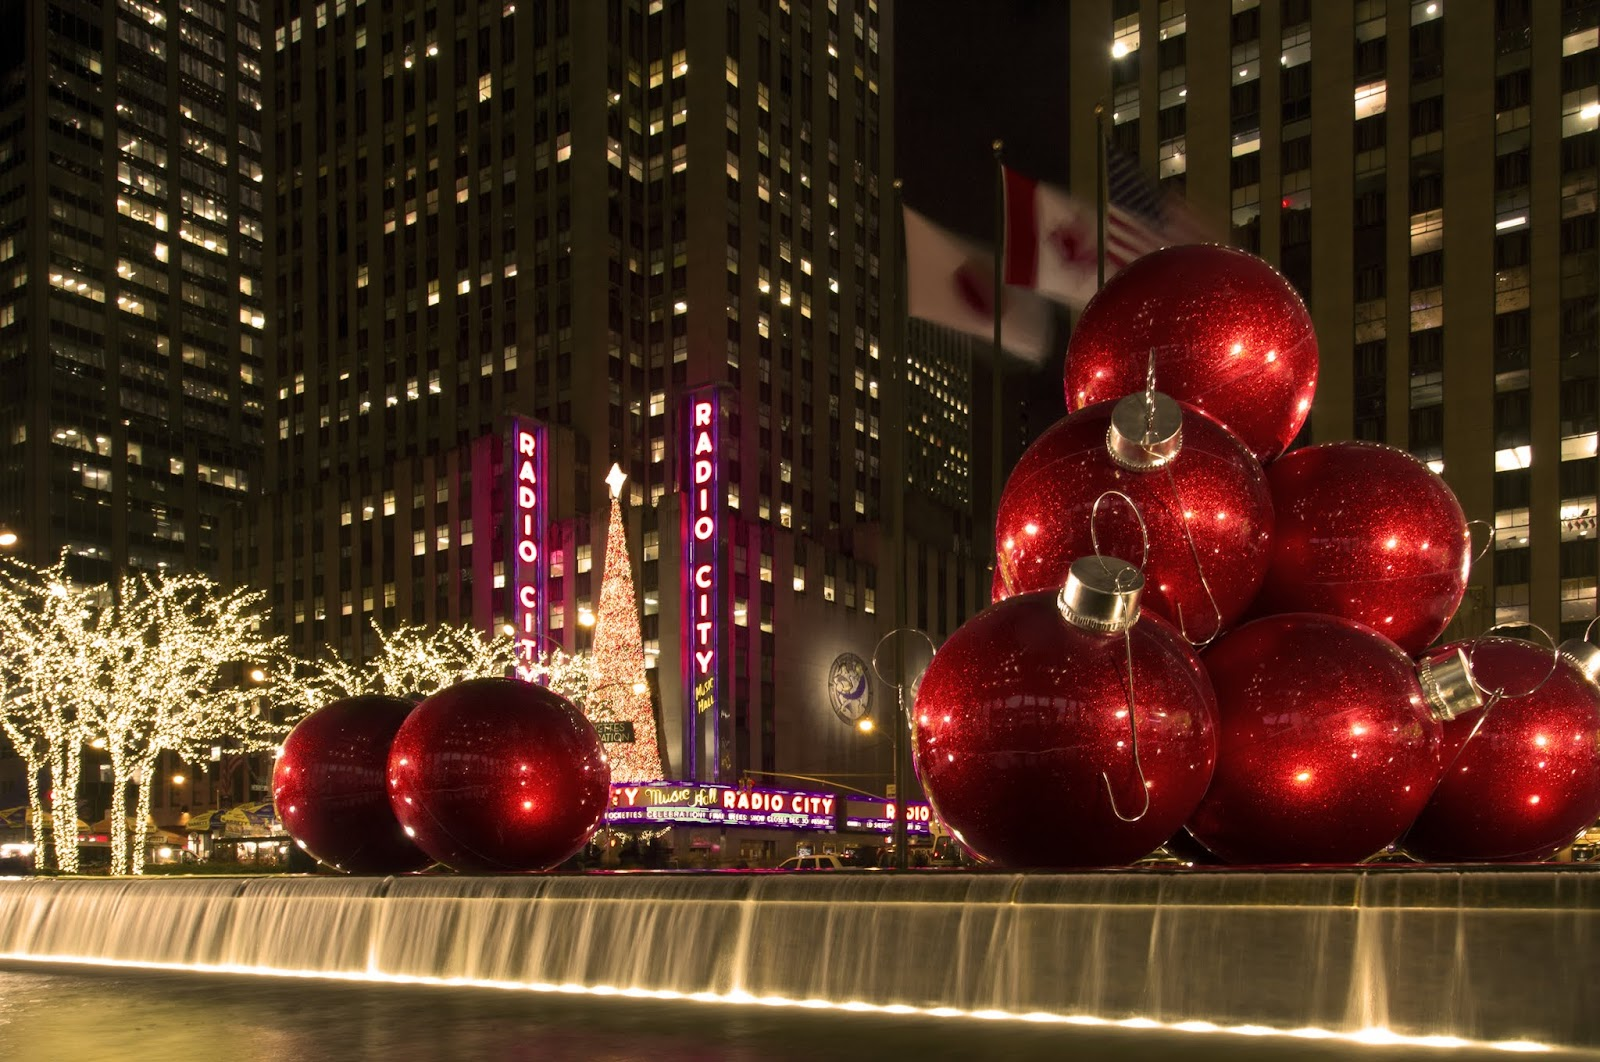 Weihnachtsbilder New York.Genickstarre Nyc Weihnachten In New York